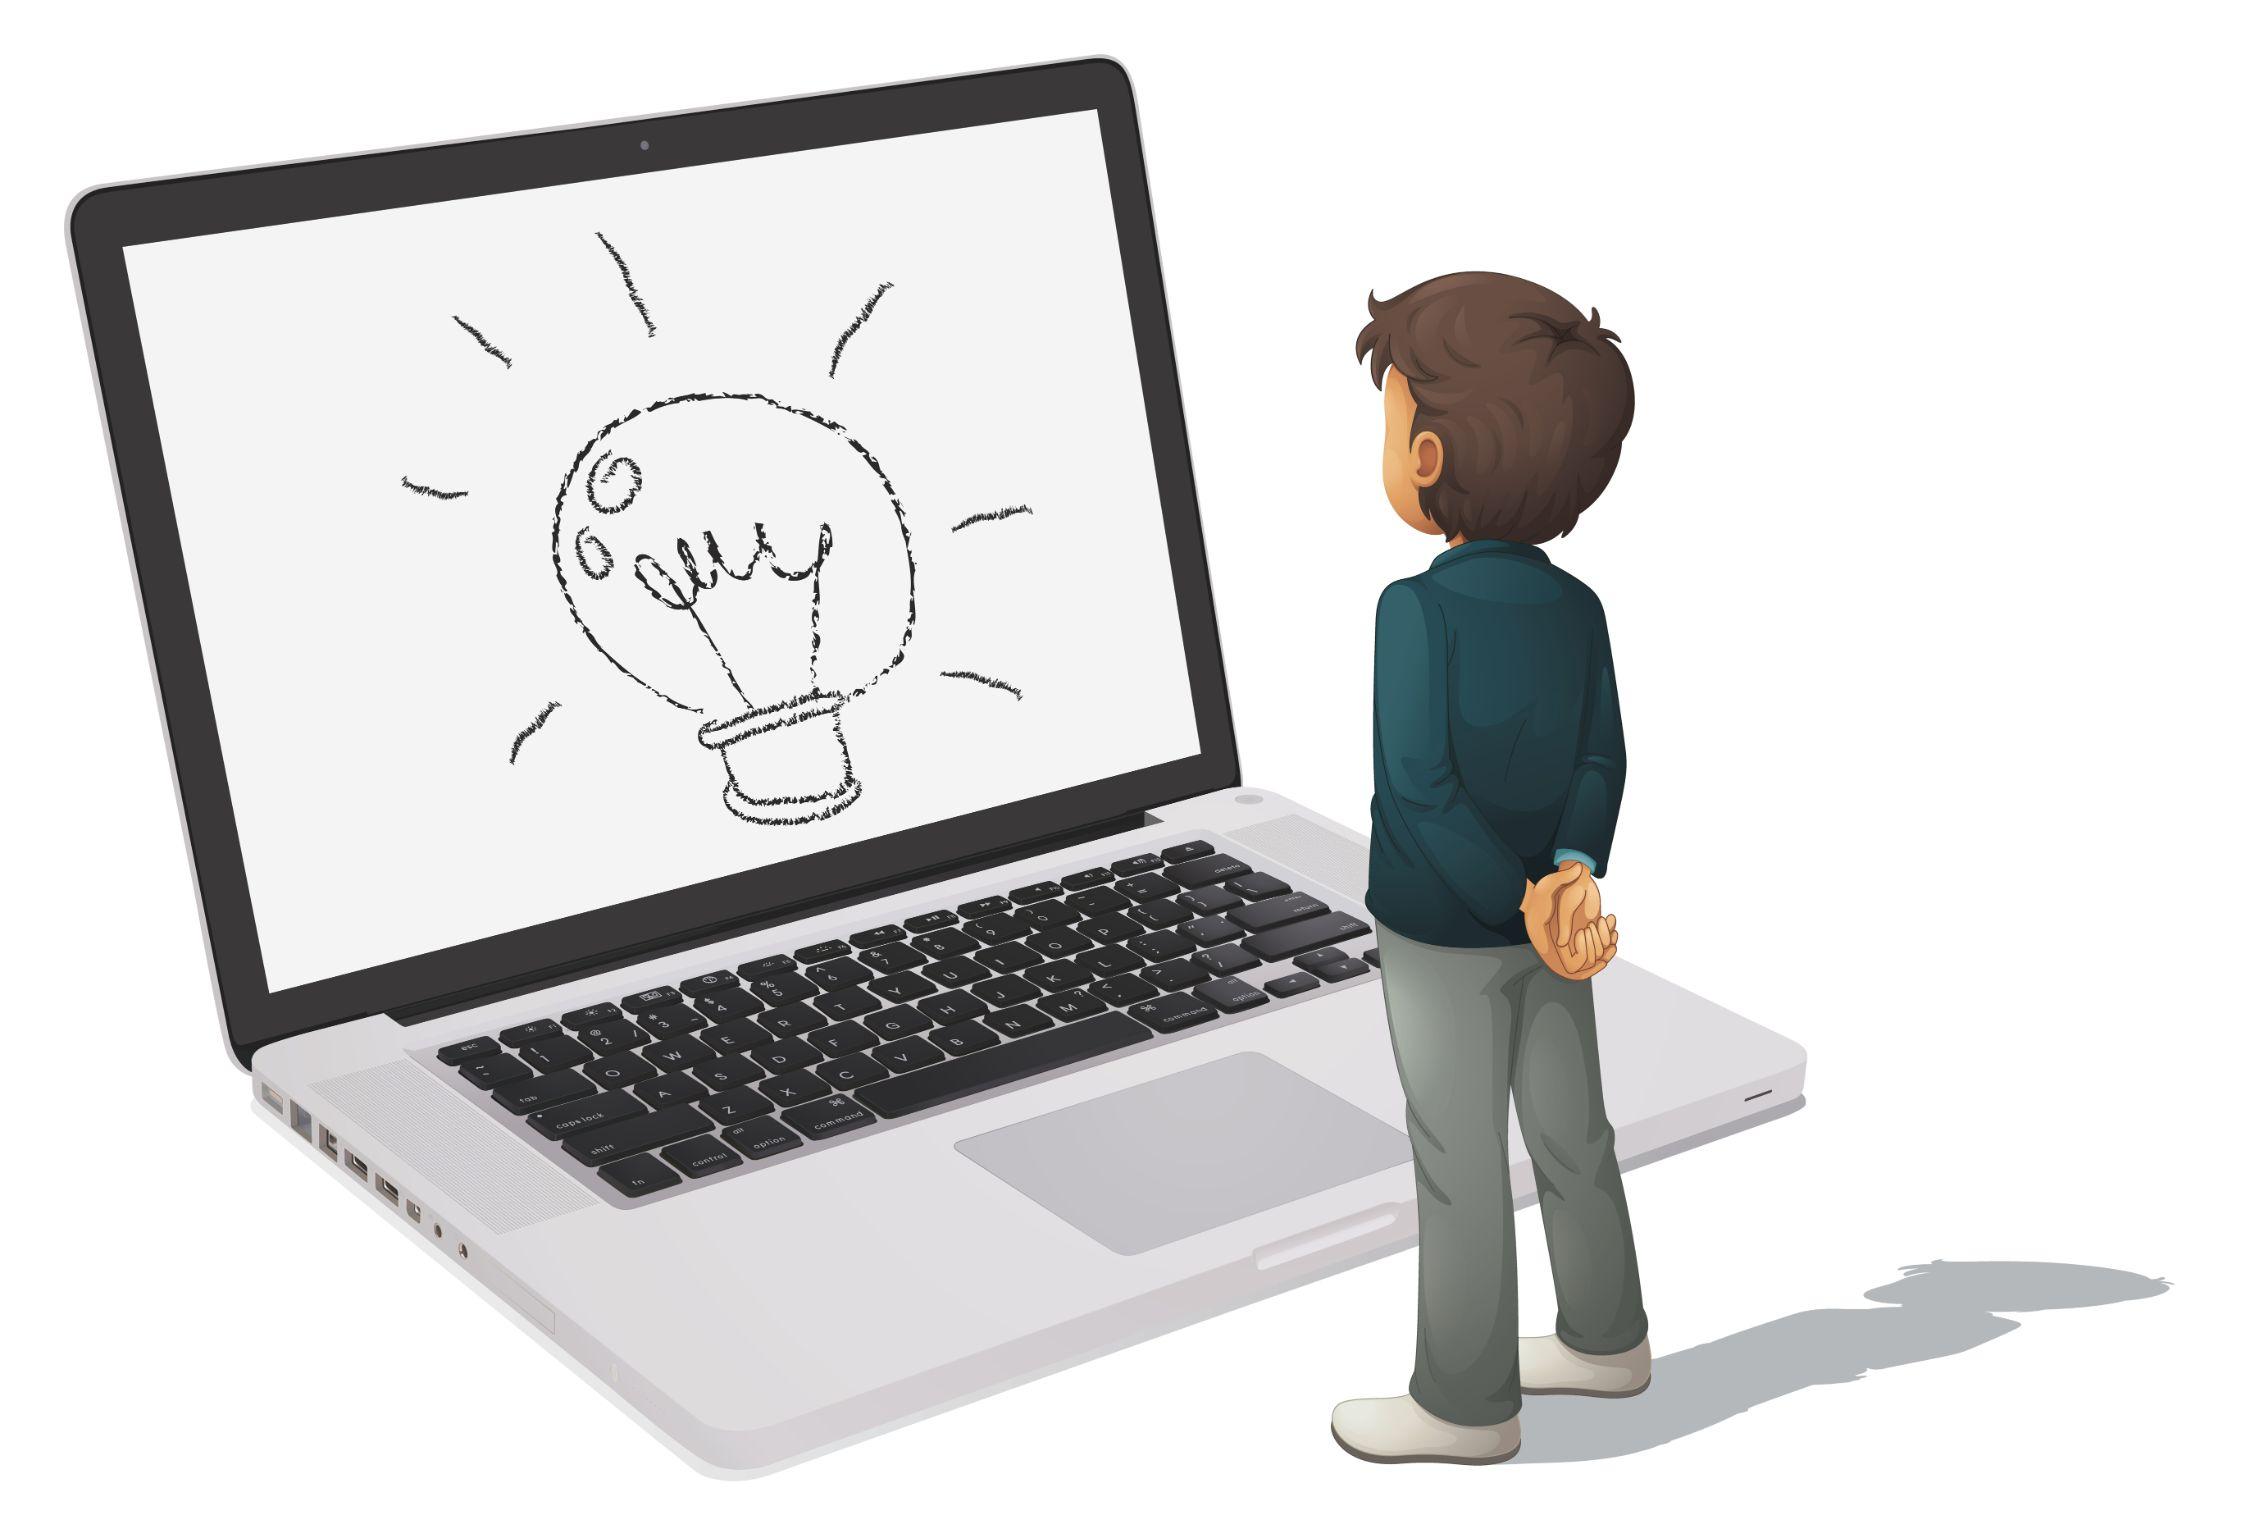 Bildschirm Rhetorik - Die besten Tipps für erfolgreiche virtuelle Präsenz